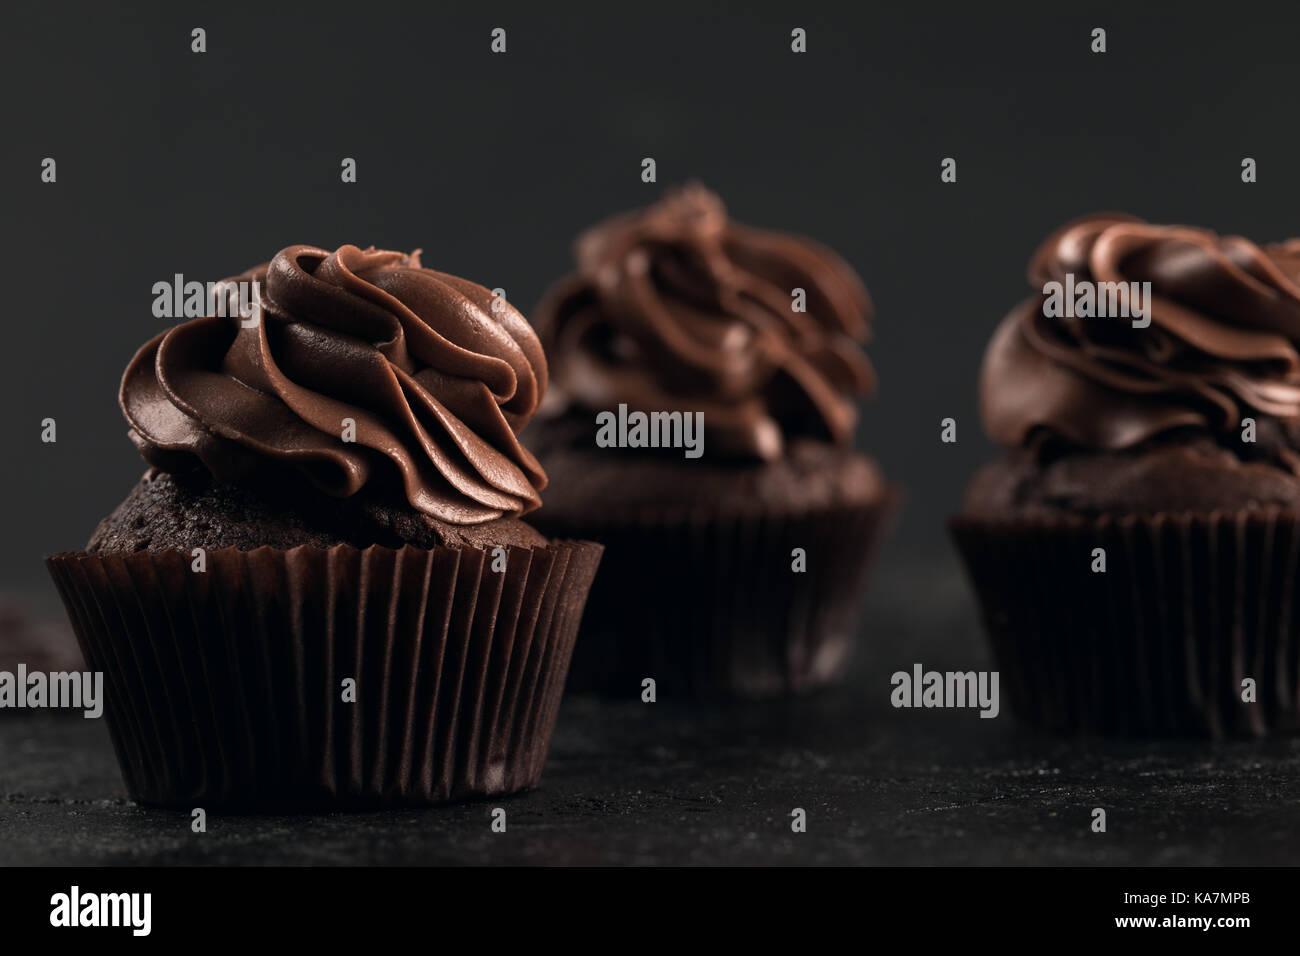 tasty chocolate cupcakes - Stock Image